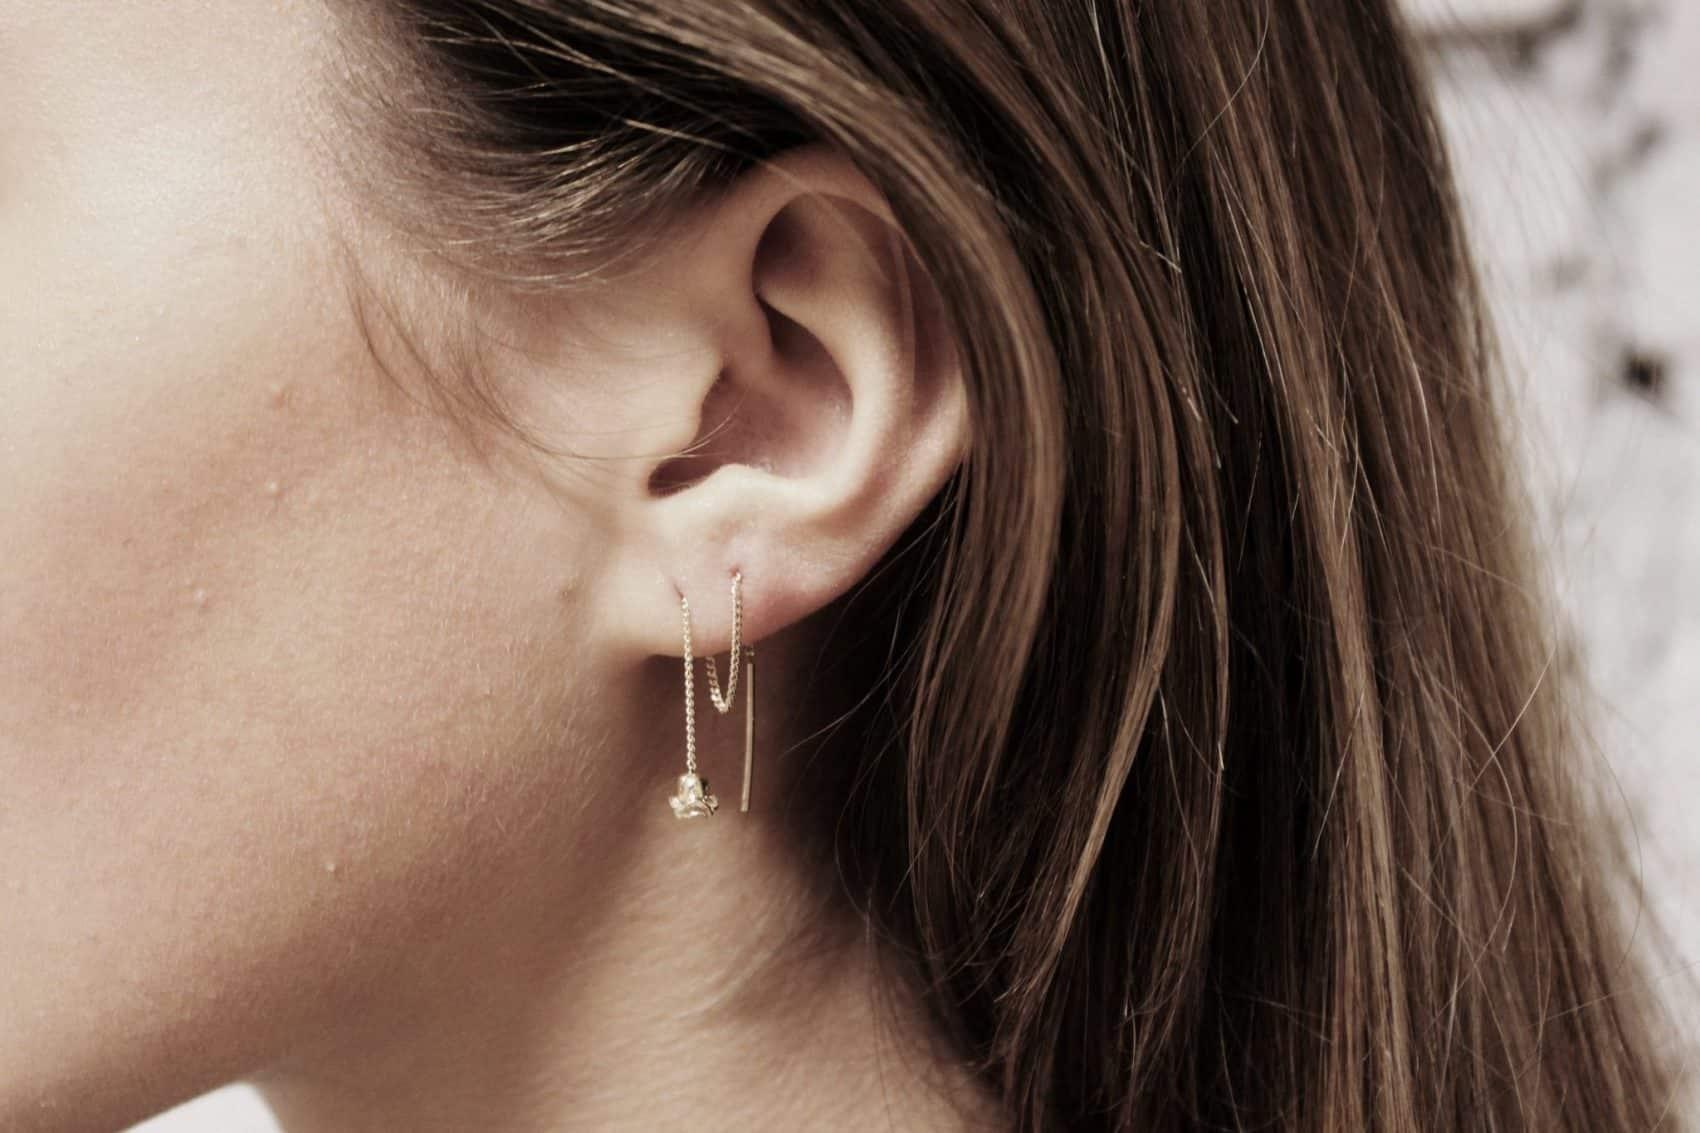 Wonderlijk Sale oorbellen - Oorbellen met korting bij Lobibeads HG-99